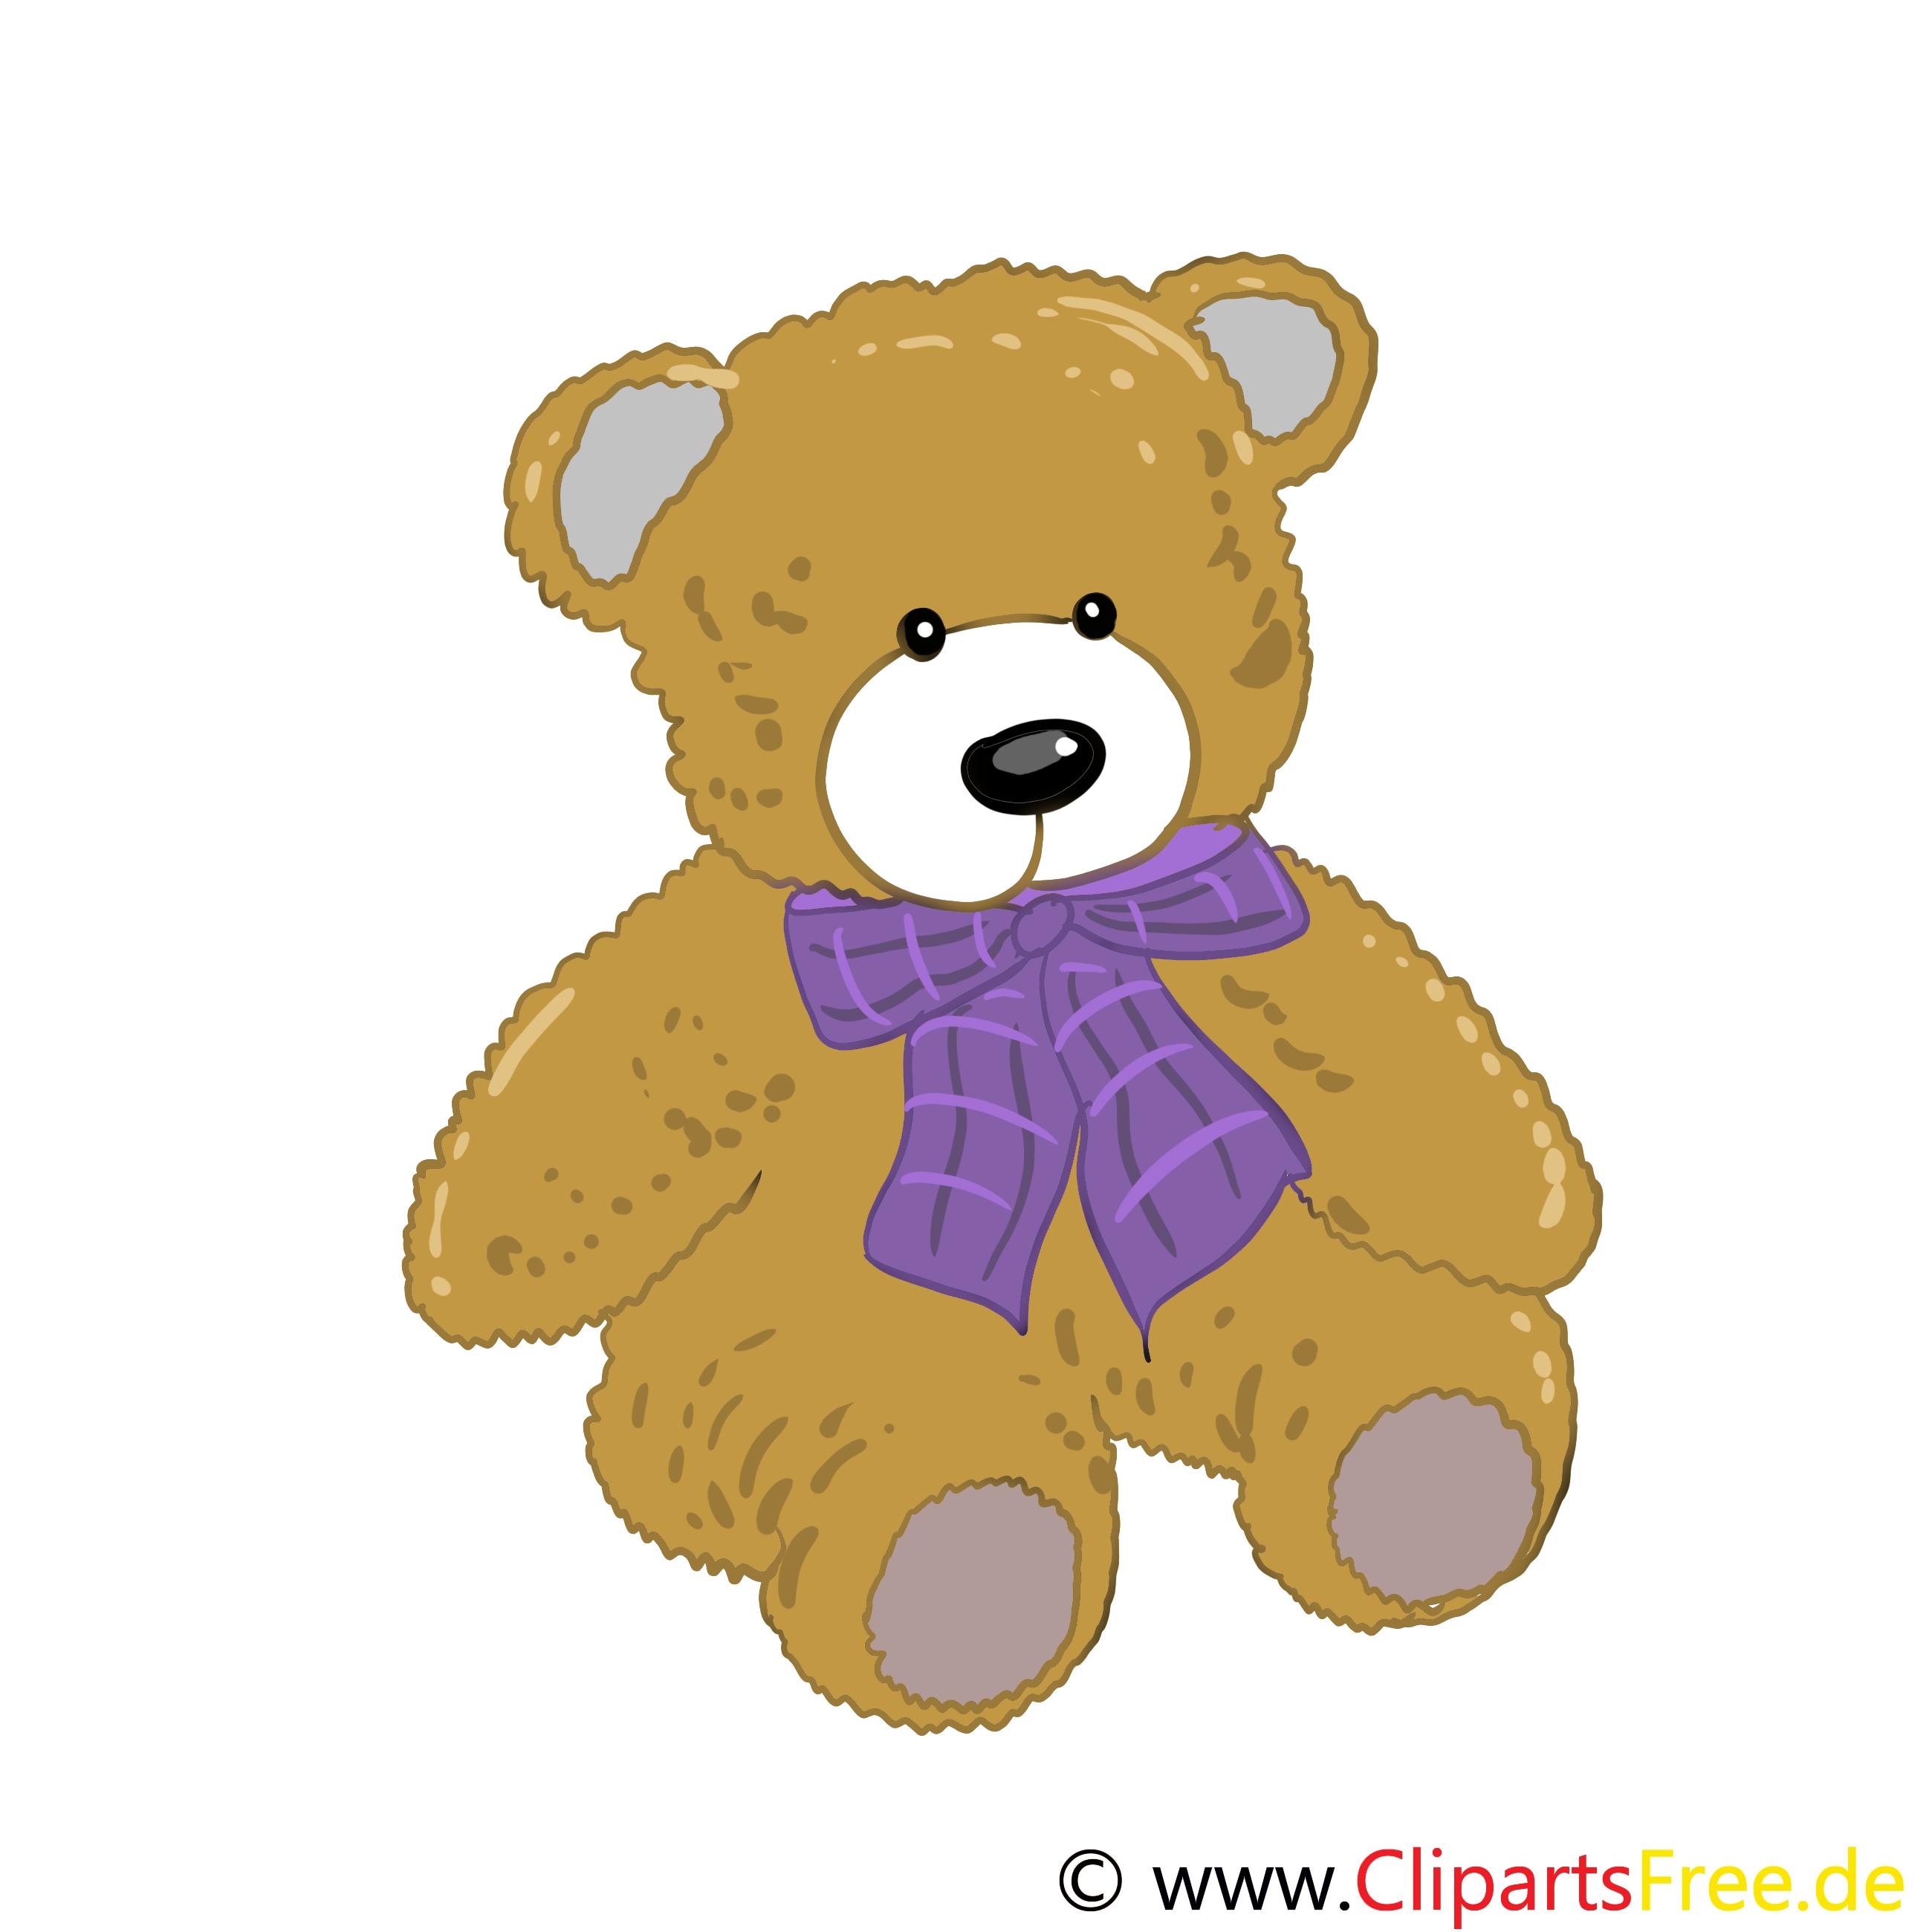 Ours en peluche dessins maternelle clipart gratuit p pini re cole maternelle dessin - Dessin ours en peluche ...